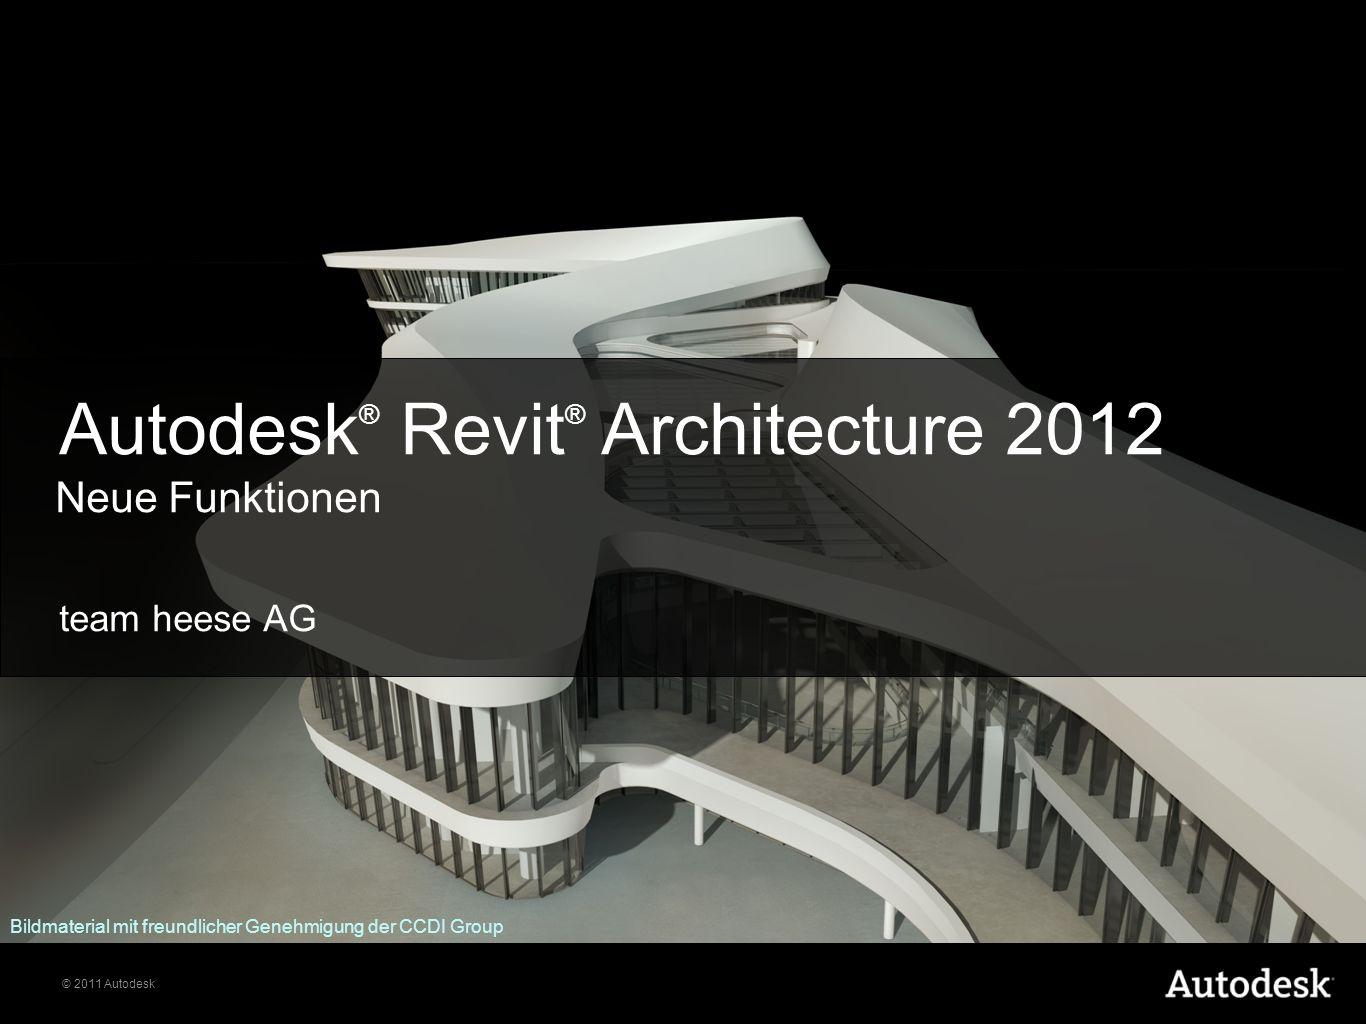 © 2011 Autodesk team heese AG Autodesk ® Revit ® Architecture 2012 Neue Funktionen Bildmaterial mit freundlicher Genehmigung der CCDI Group